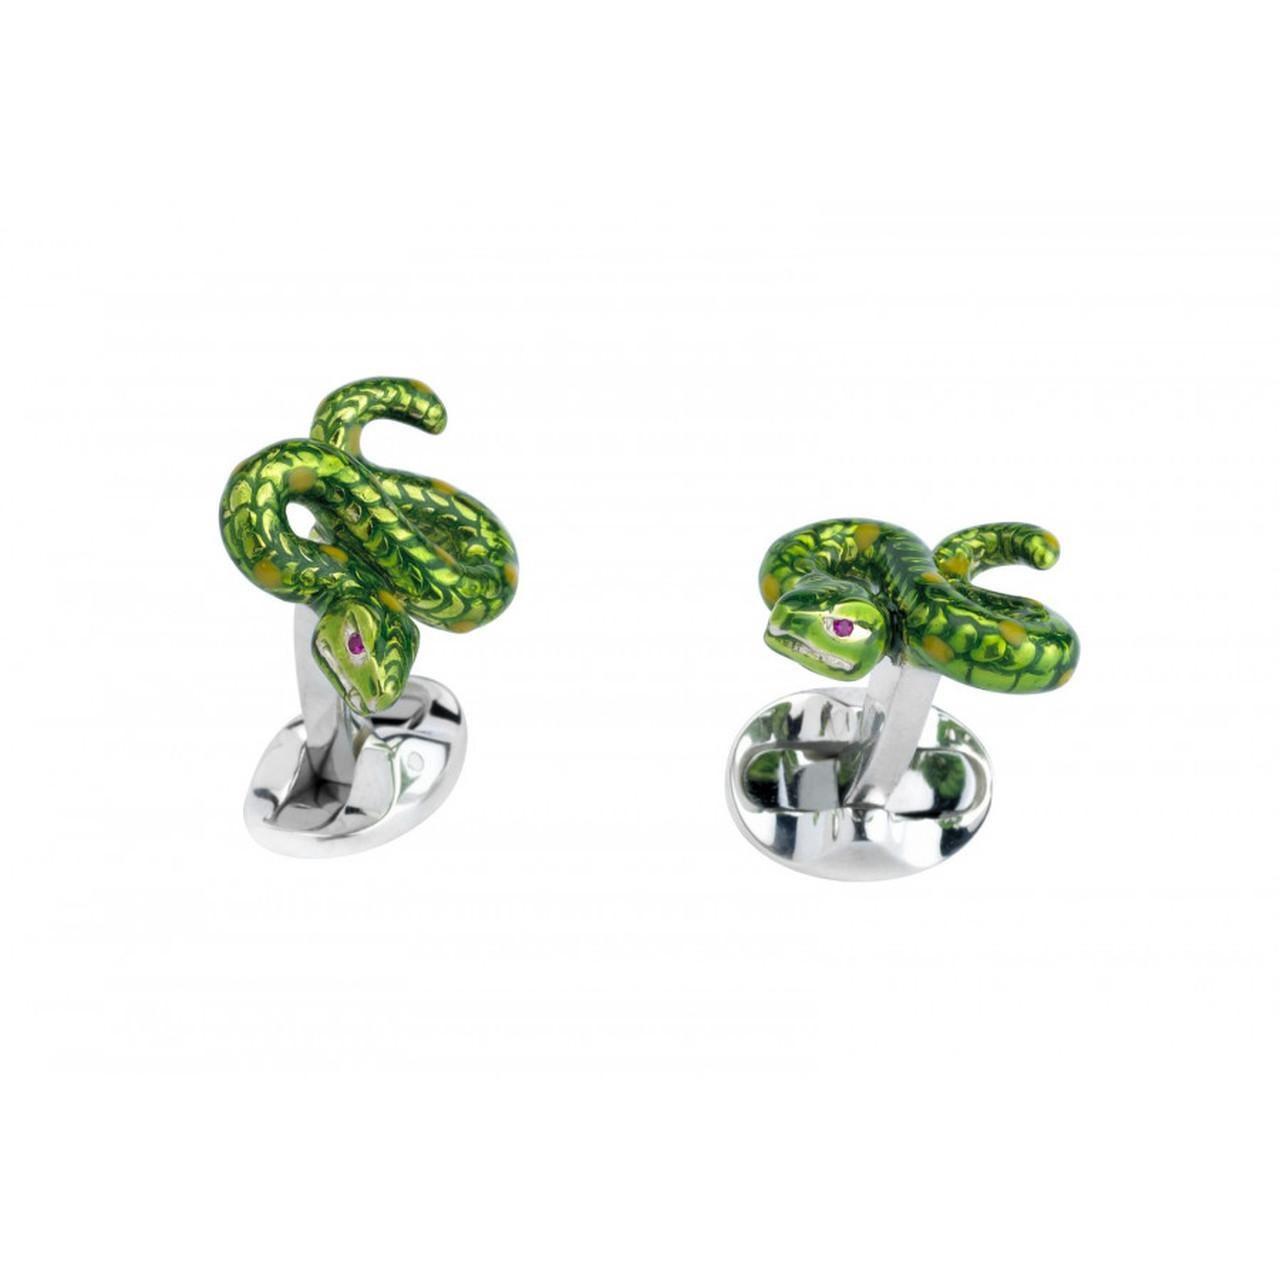 Deakin & Francis Sterling Silver Snake Cufflinks